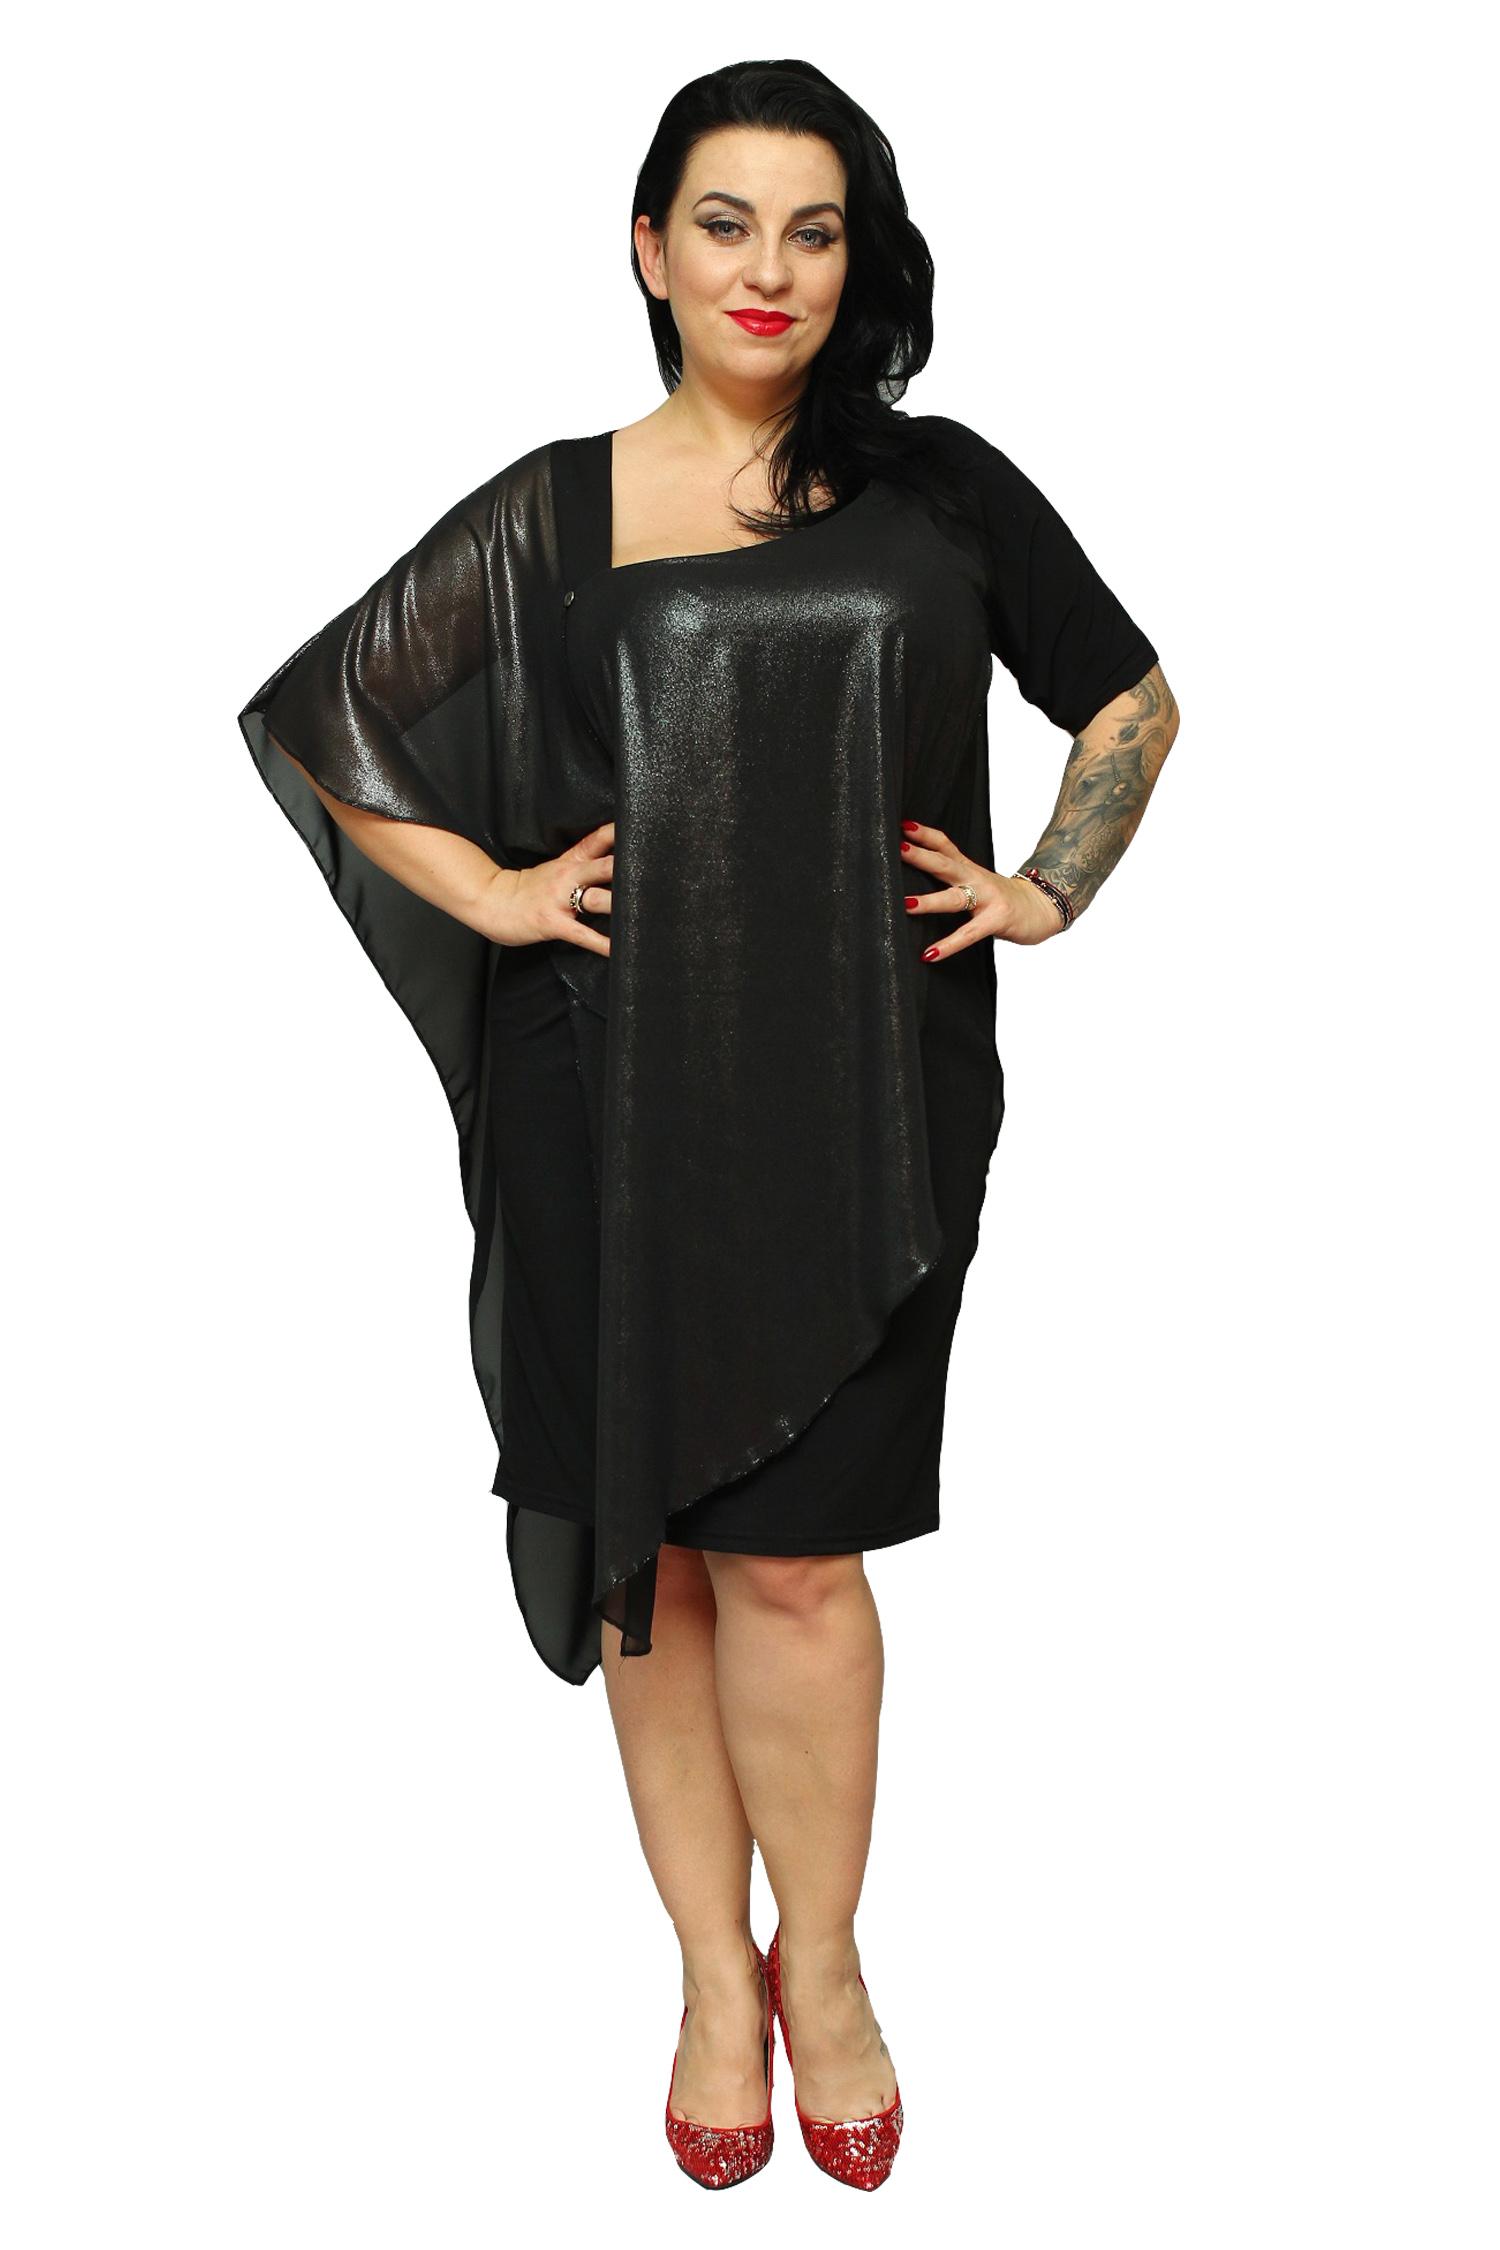 6d3278dd57 WYPRZEDAŻ Sukienka DANKA z narzutką czarna 50 - 7339936151 ...